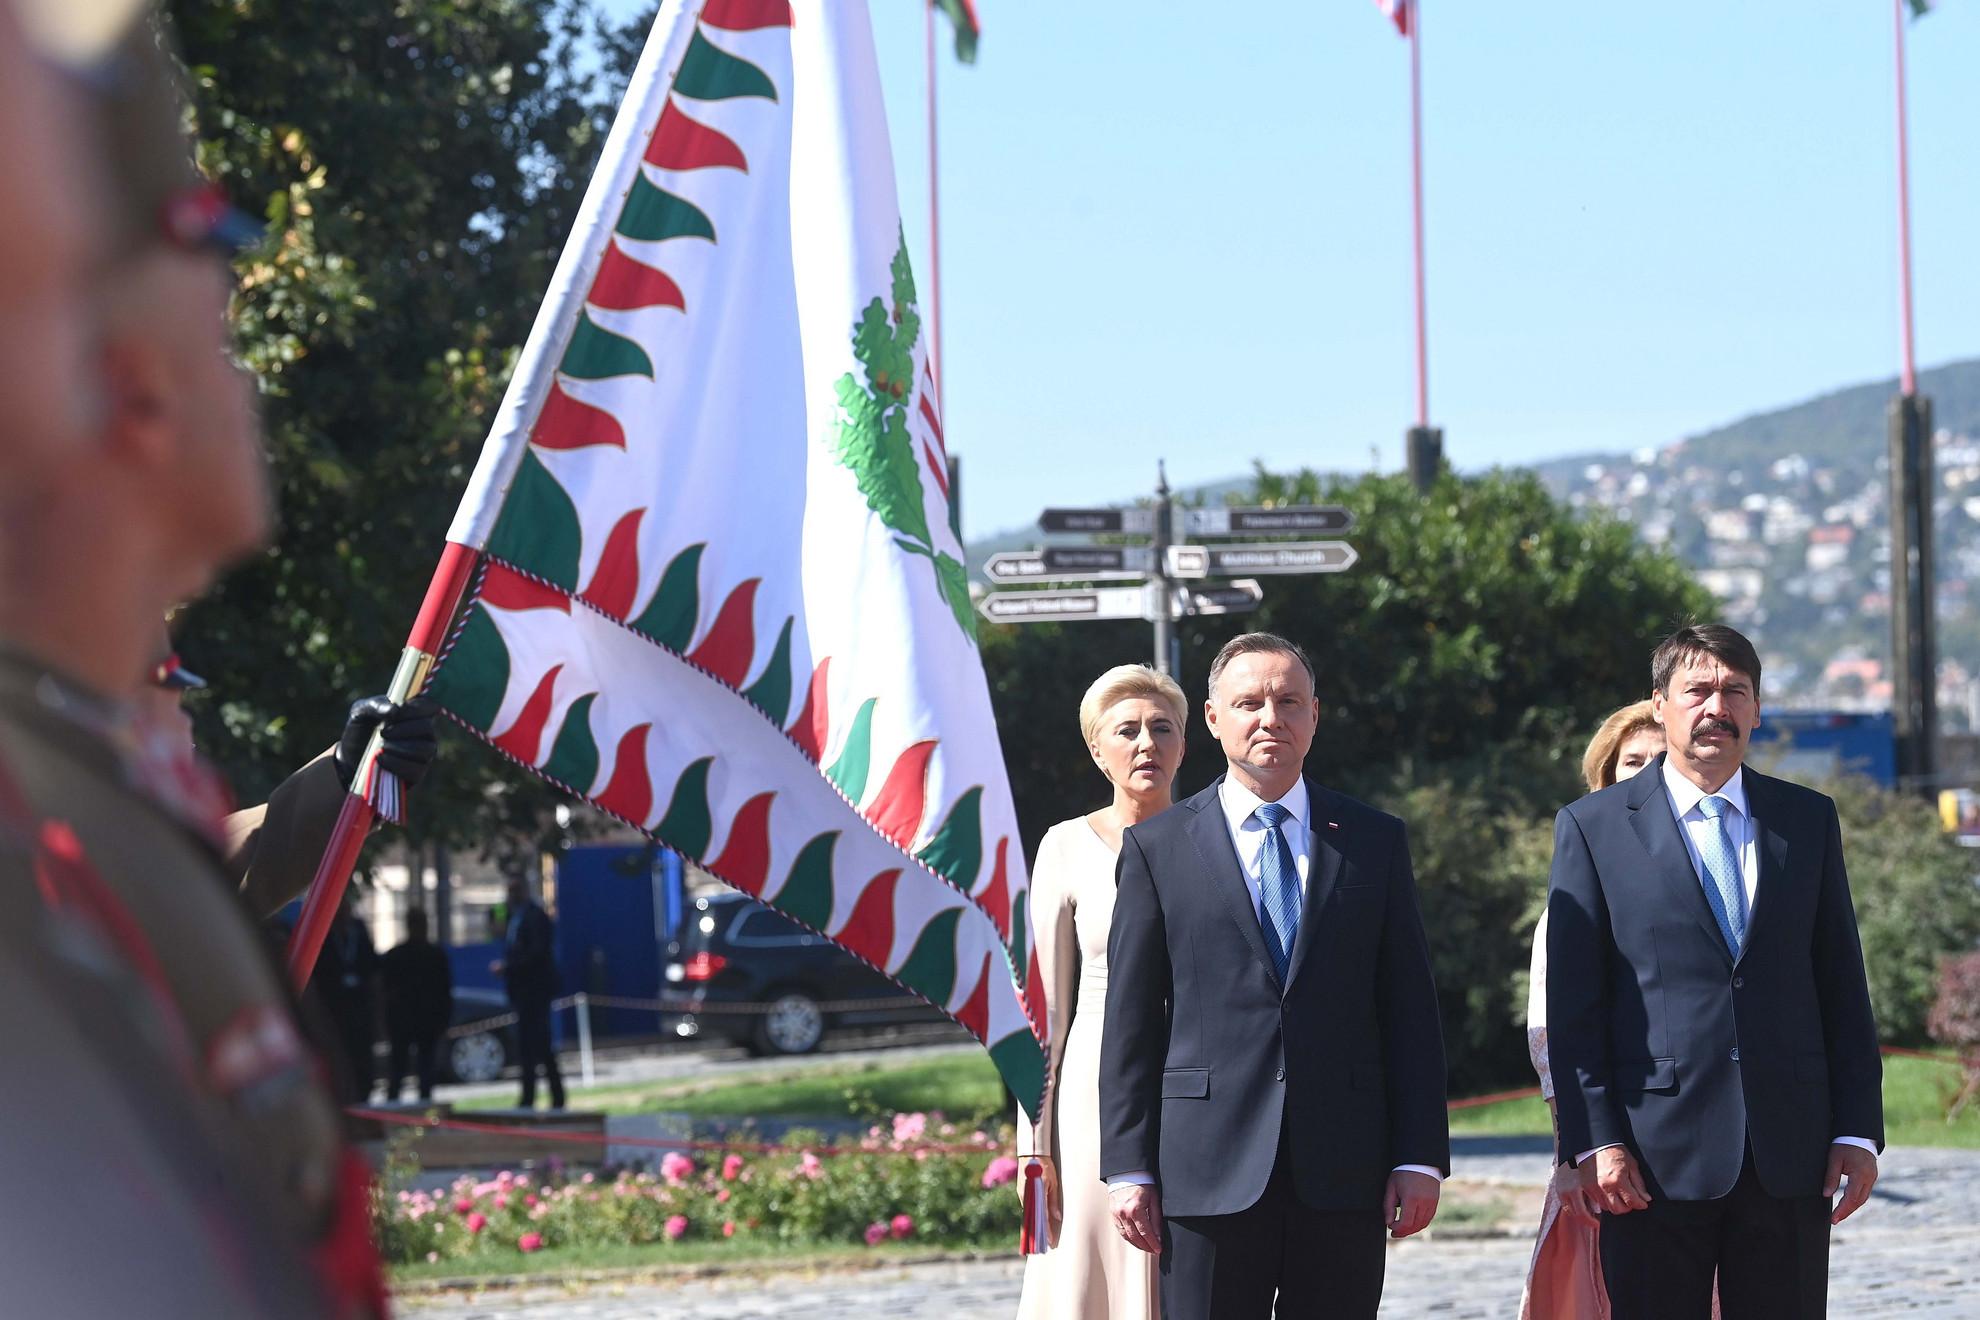 Áder János köztársasági elnök (j) és felesége, Herczegh Anita (mögötte) katonai tiszteletadással fogadja Andrzej Duda lengyel államfőt (b) és feleségét, Agata Kornhauser-Dudát (mögötte) a Sándor-palota előtt, a Szent György téren 2021. szeptember 9-én